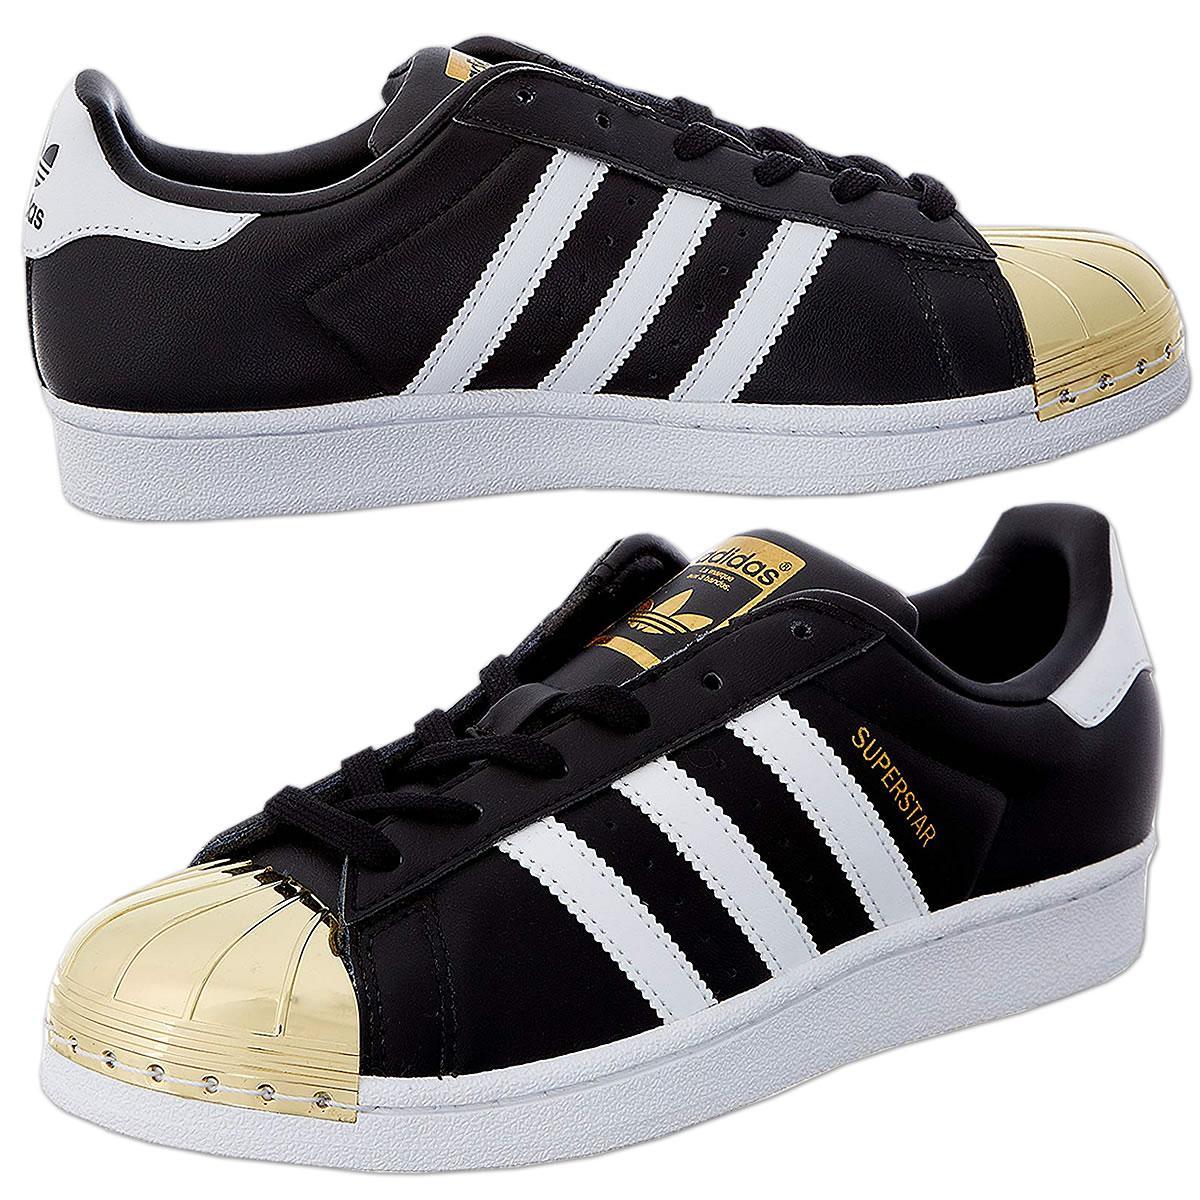 best service 94709 cf7d9 adidas Superstar Metal Toe Trainer Low schwarz-weiß-gold (BB5115)